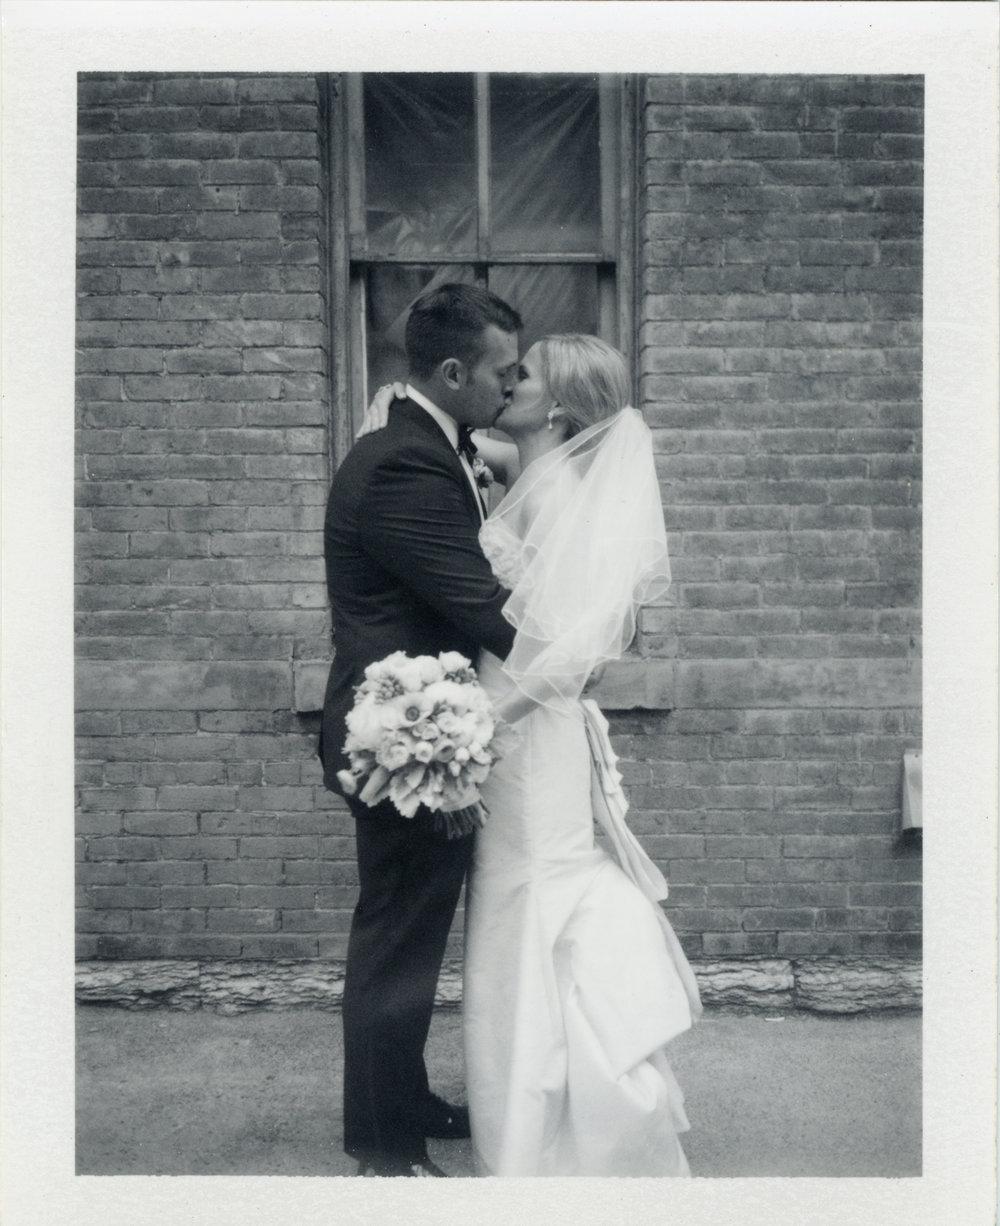 FredKellyWed Polaroid 007.jpg